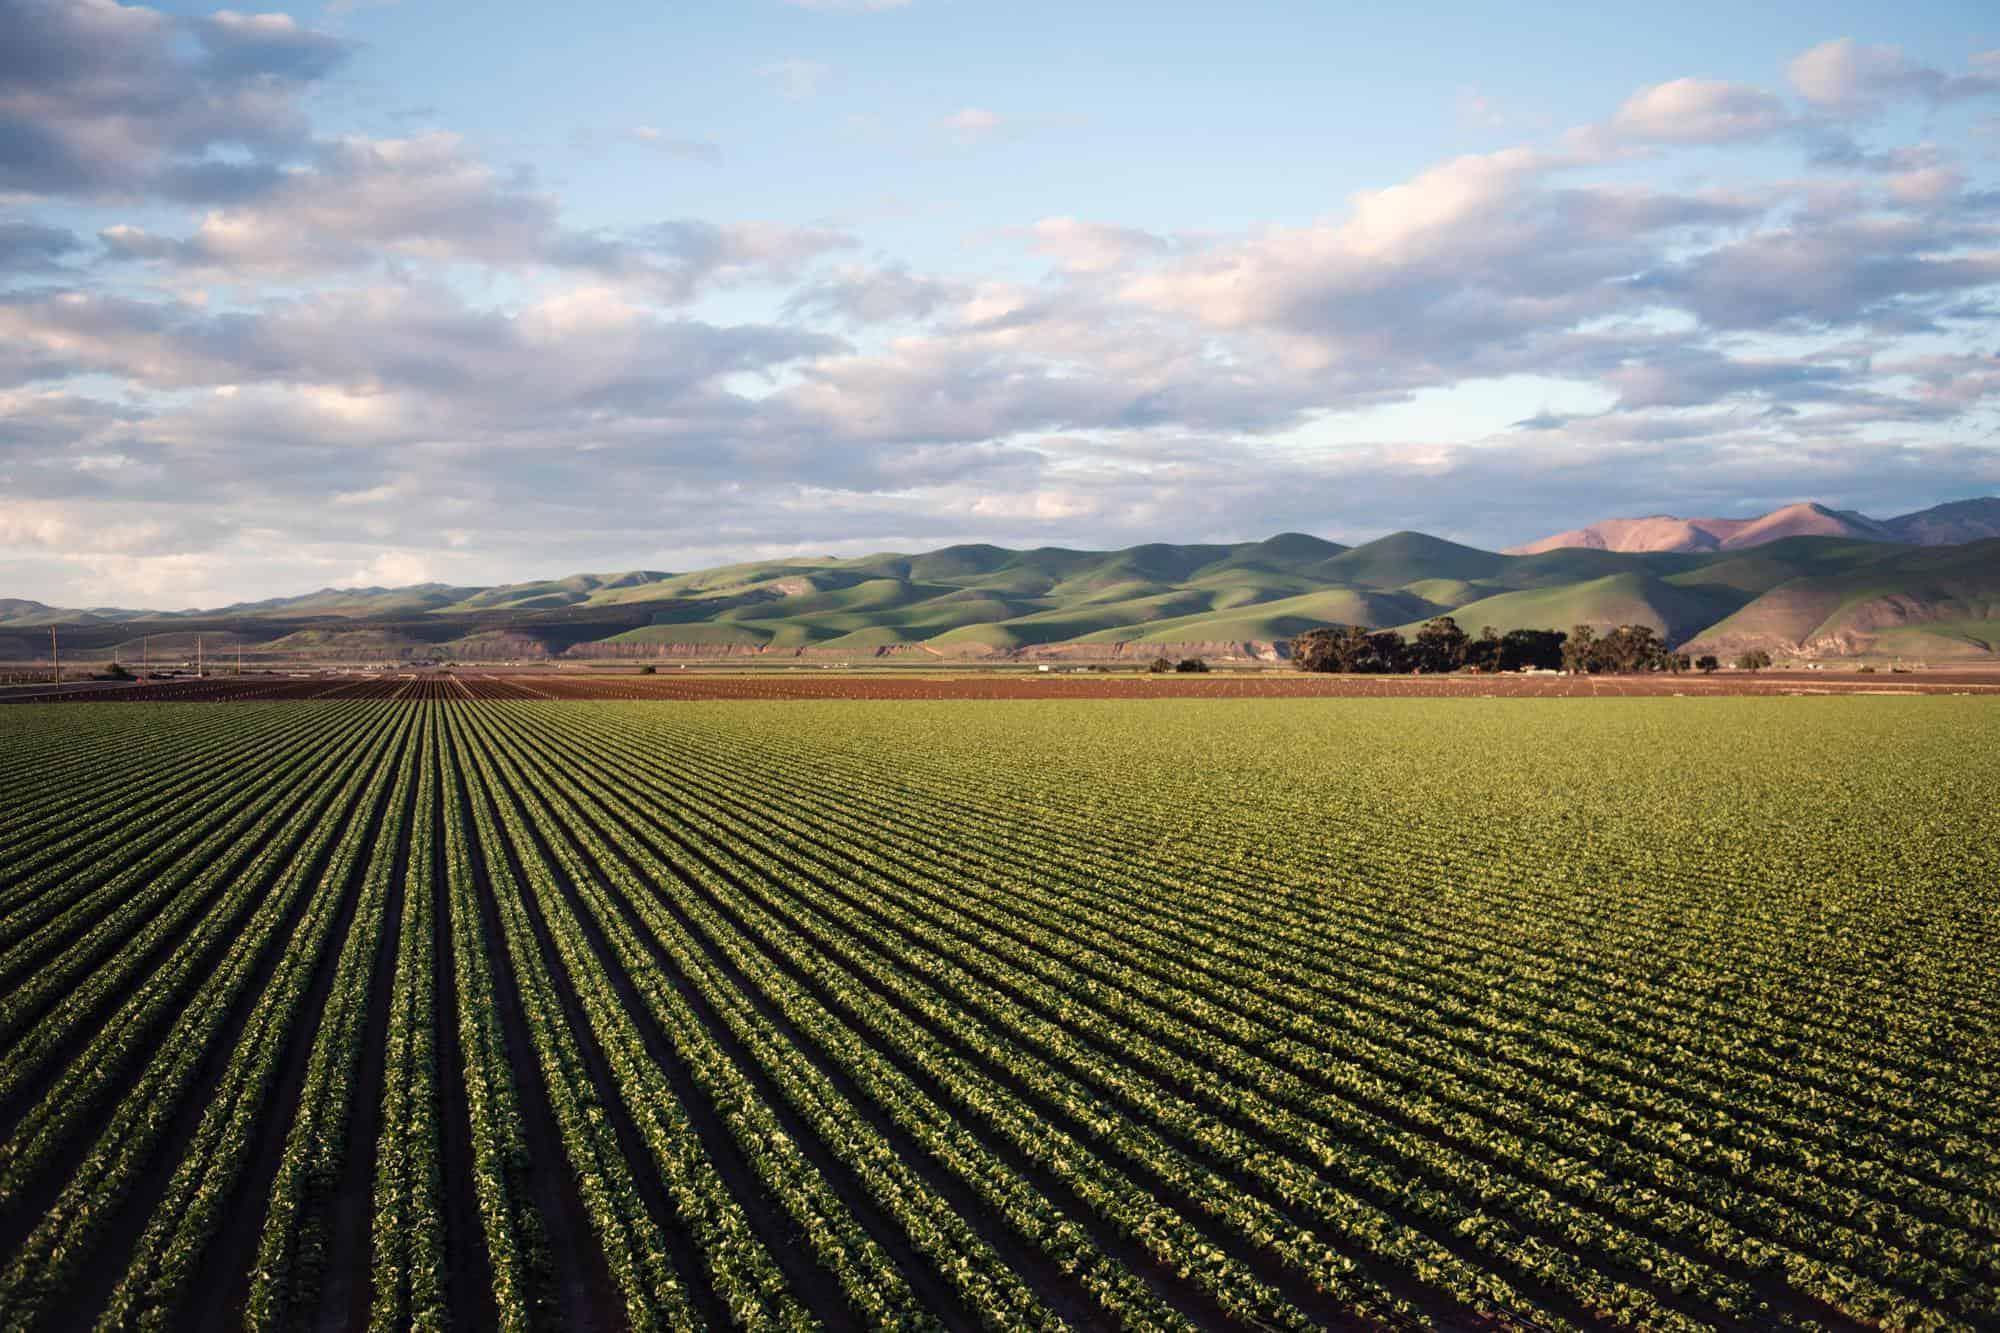 Uses of sulphuric acid to make fertiliser for crops